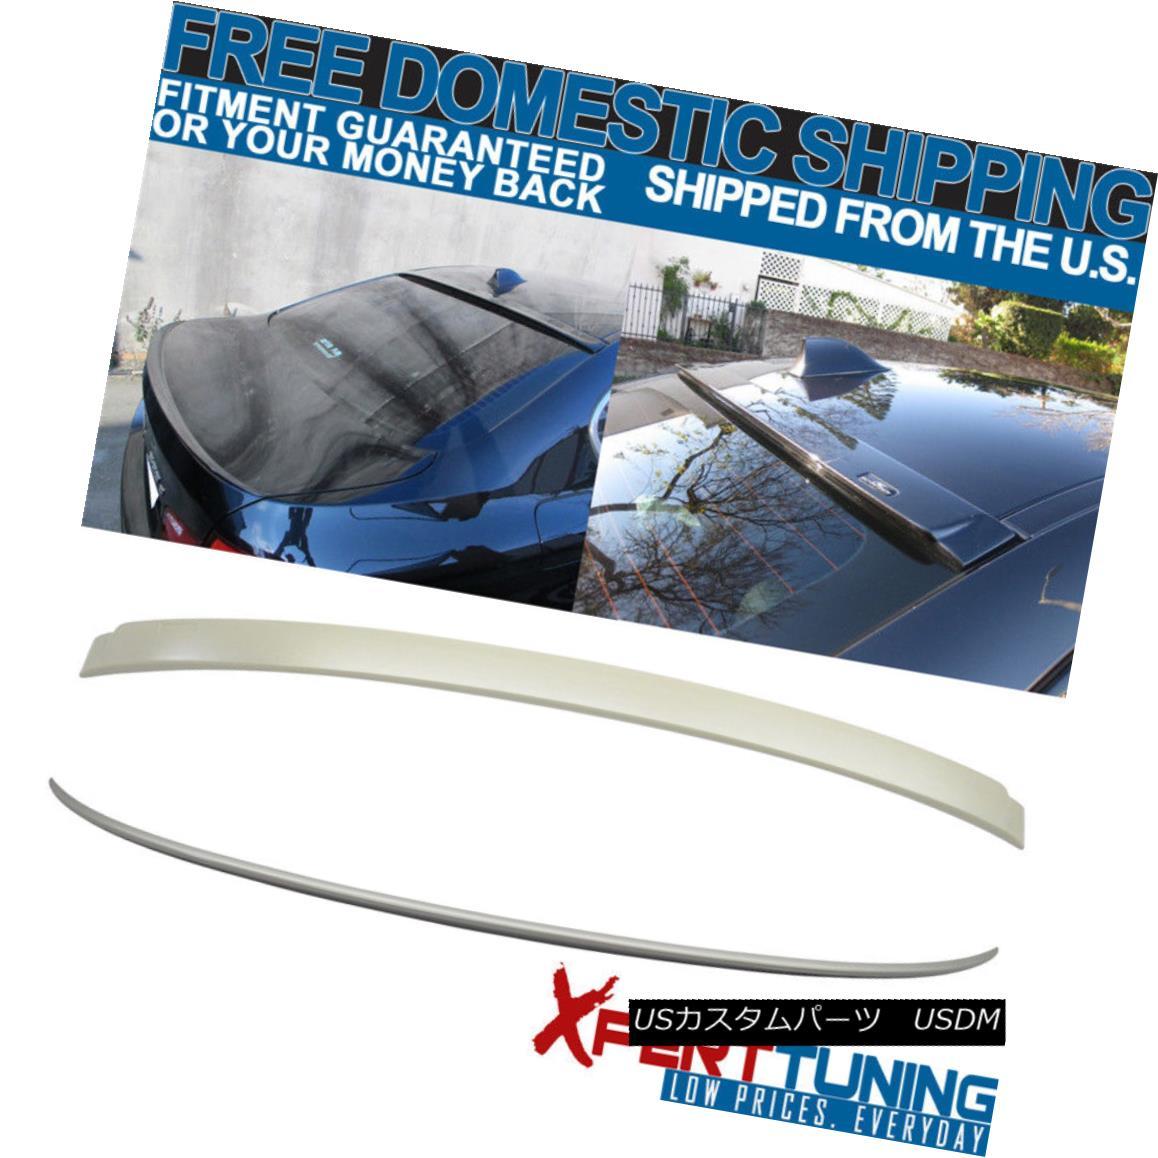 エアロパーツ 11 12 13 14 15 16 BMW F10 5Series 4Dr M5 Style Trunk + AC Roof Spoiler Unpainted 11 12 13 14 15 16 BMW F10 5Series 4Dr M5スタイルトランク+ ACルーフスポイラー未塗装